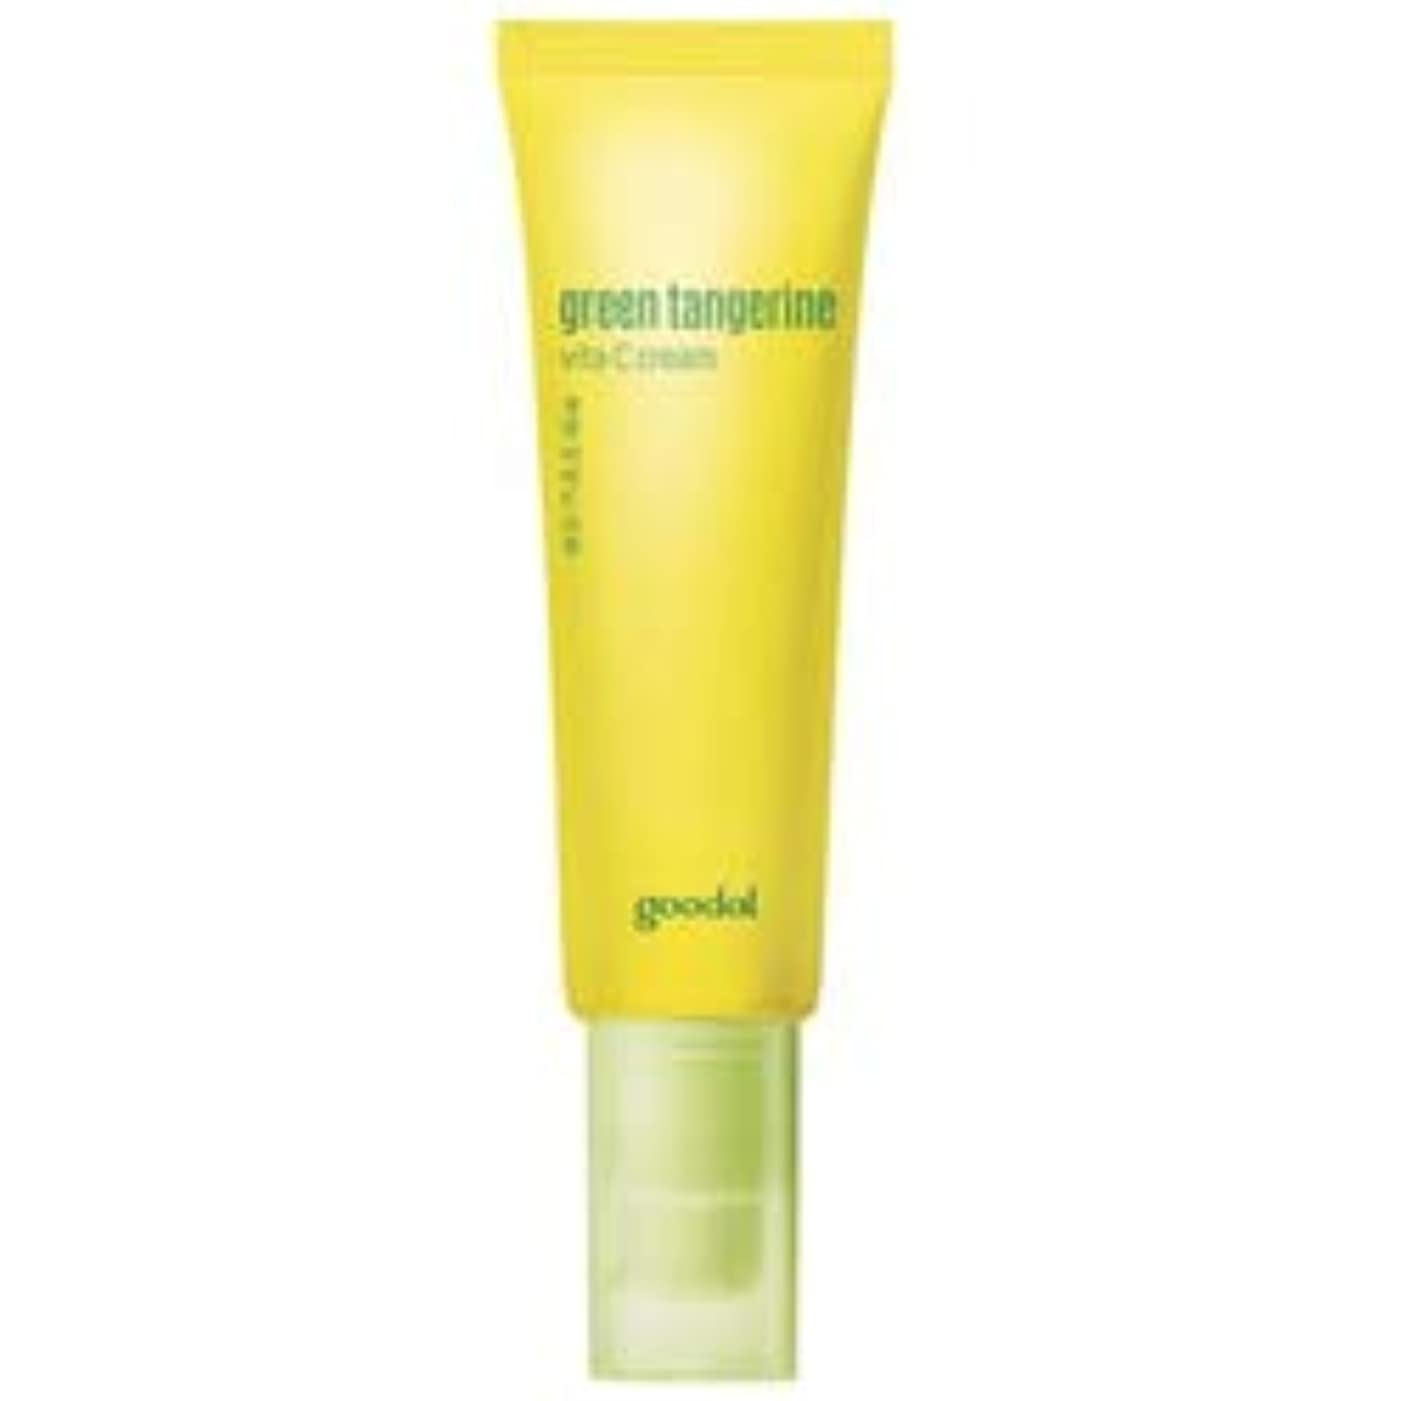 成功連続した厚さ[goodal] Green Tangerine Vita C cream 50ml / [グーダル]タンジェリン ビタC クリーム 50ml [並行輸入品]